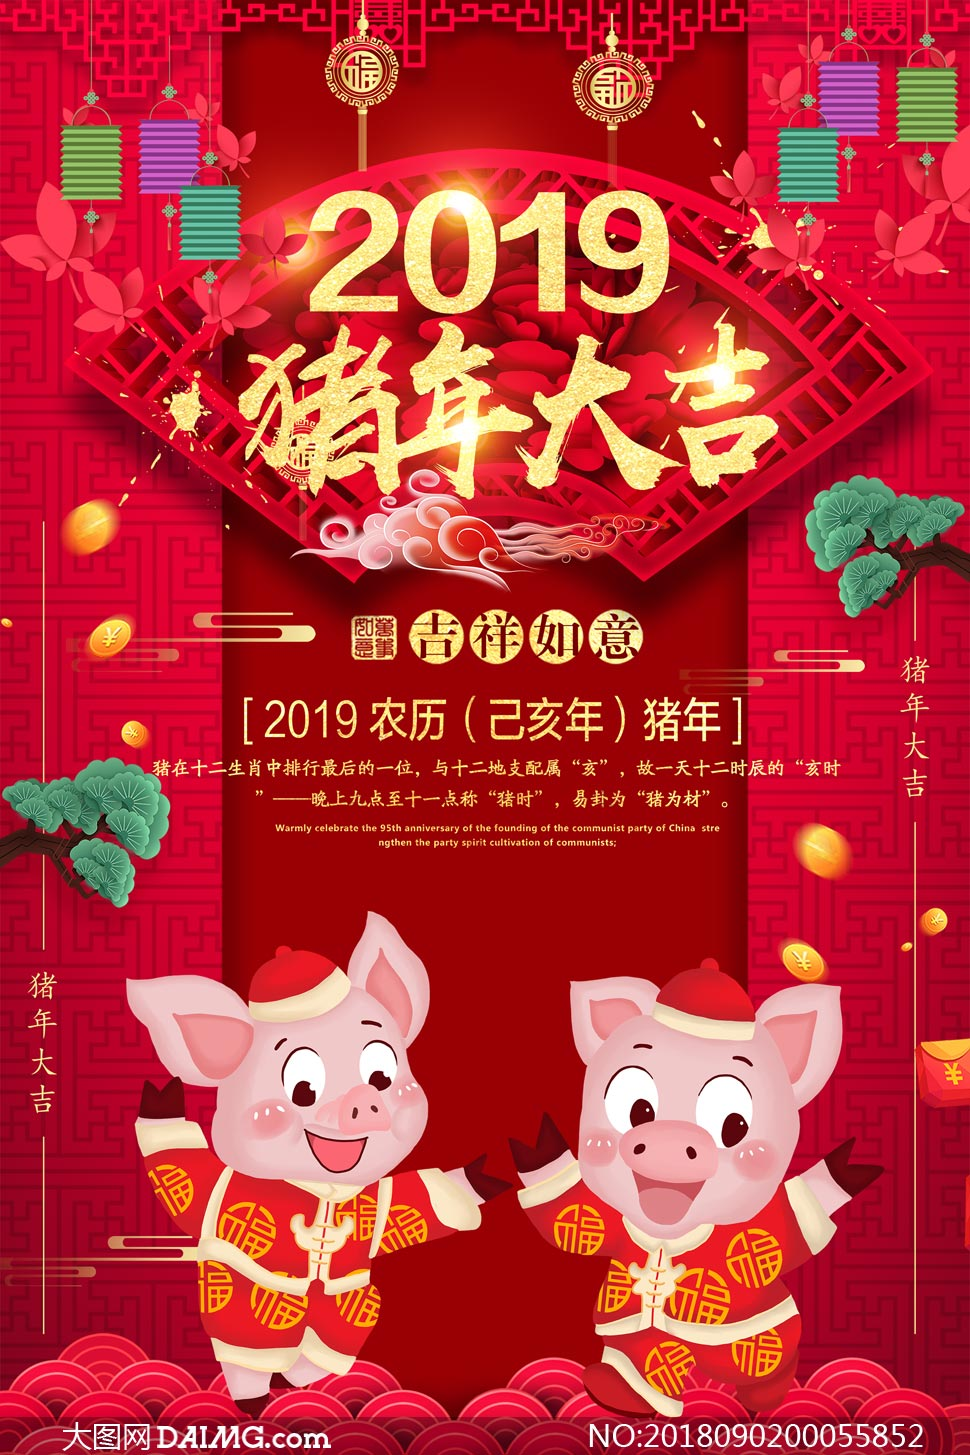 2019猪年大吉宣传海报设计psd素材 - 大图网免费素材daimg.com